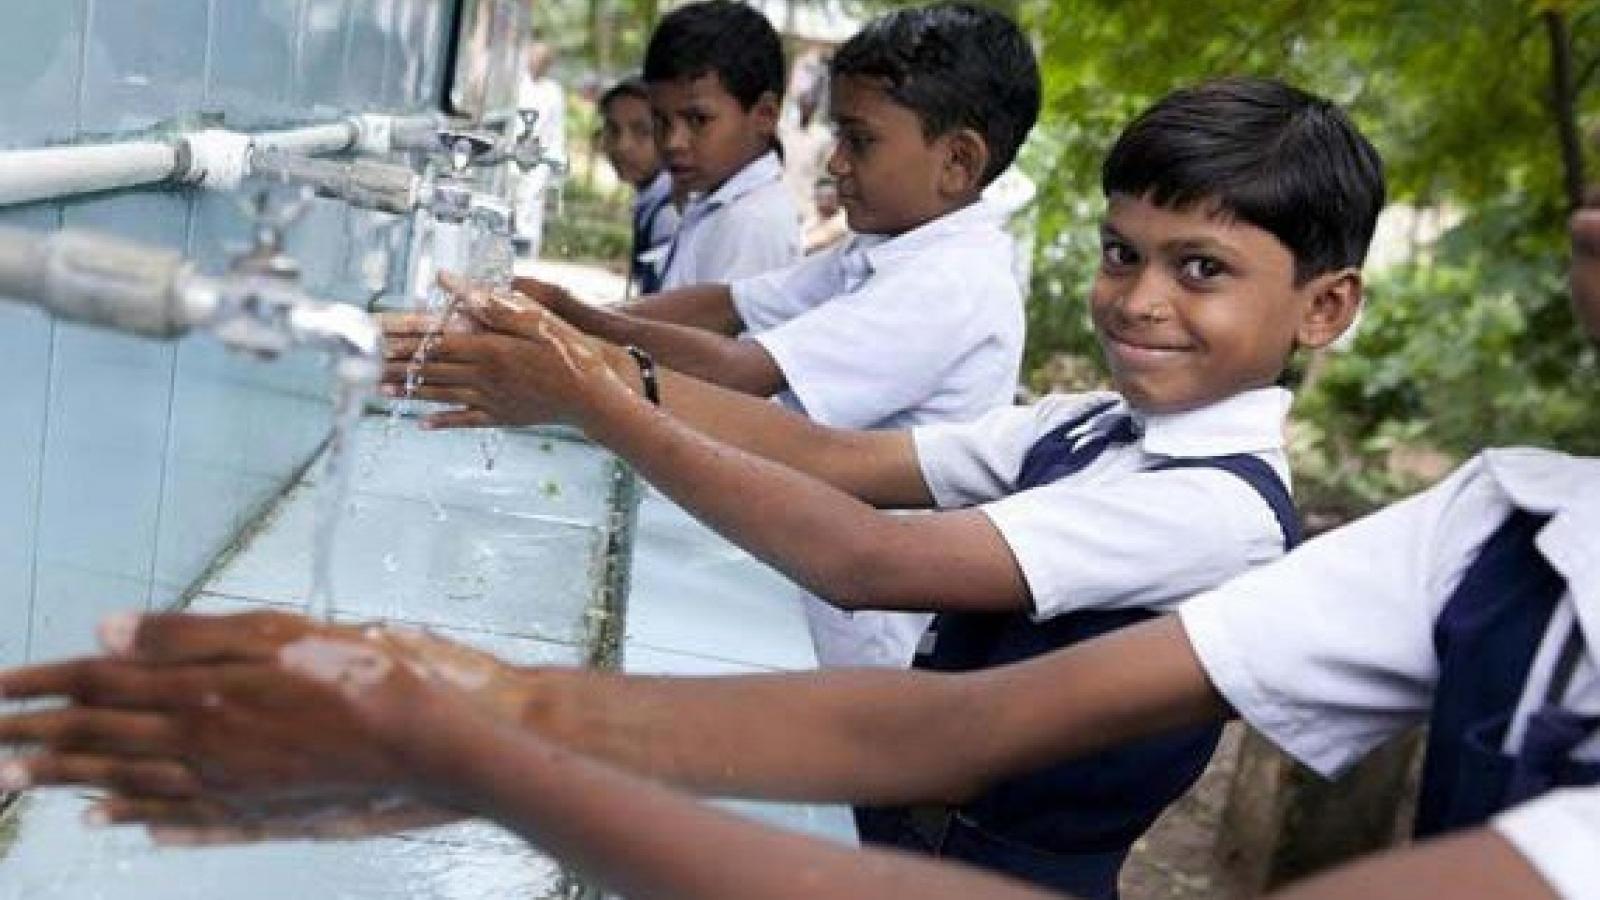 UNICEF kêu gọi thói quen rửa tay thường xuyên để ngừa Covid-19 trong trường học